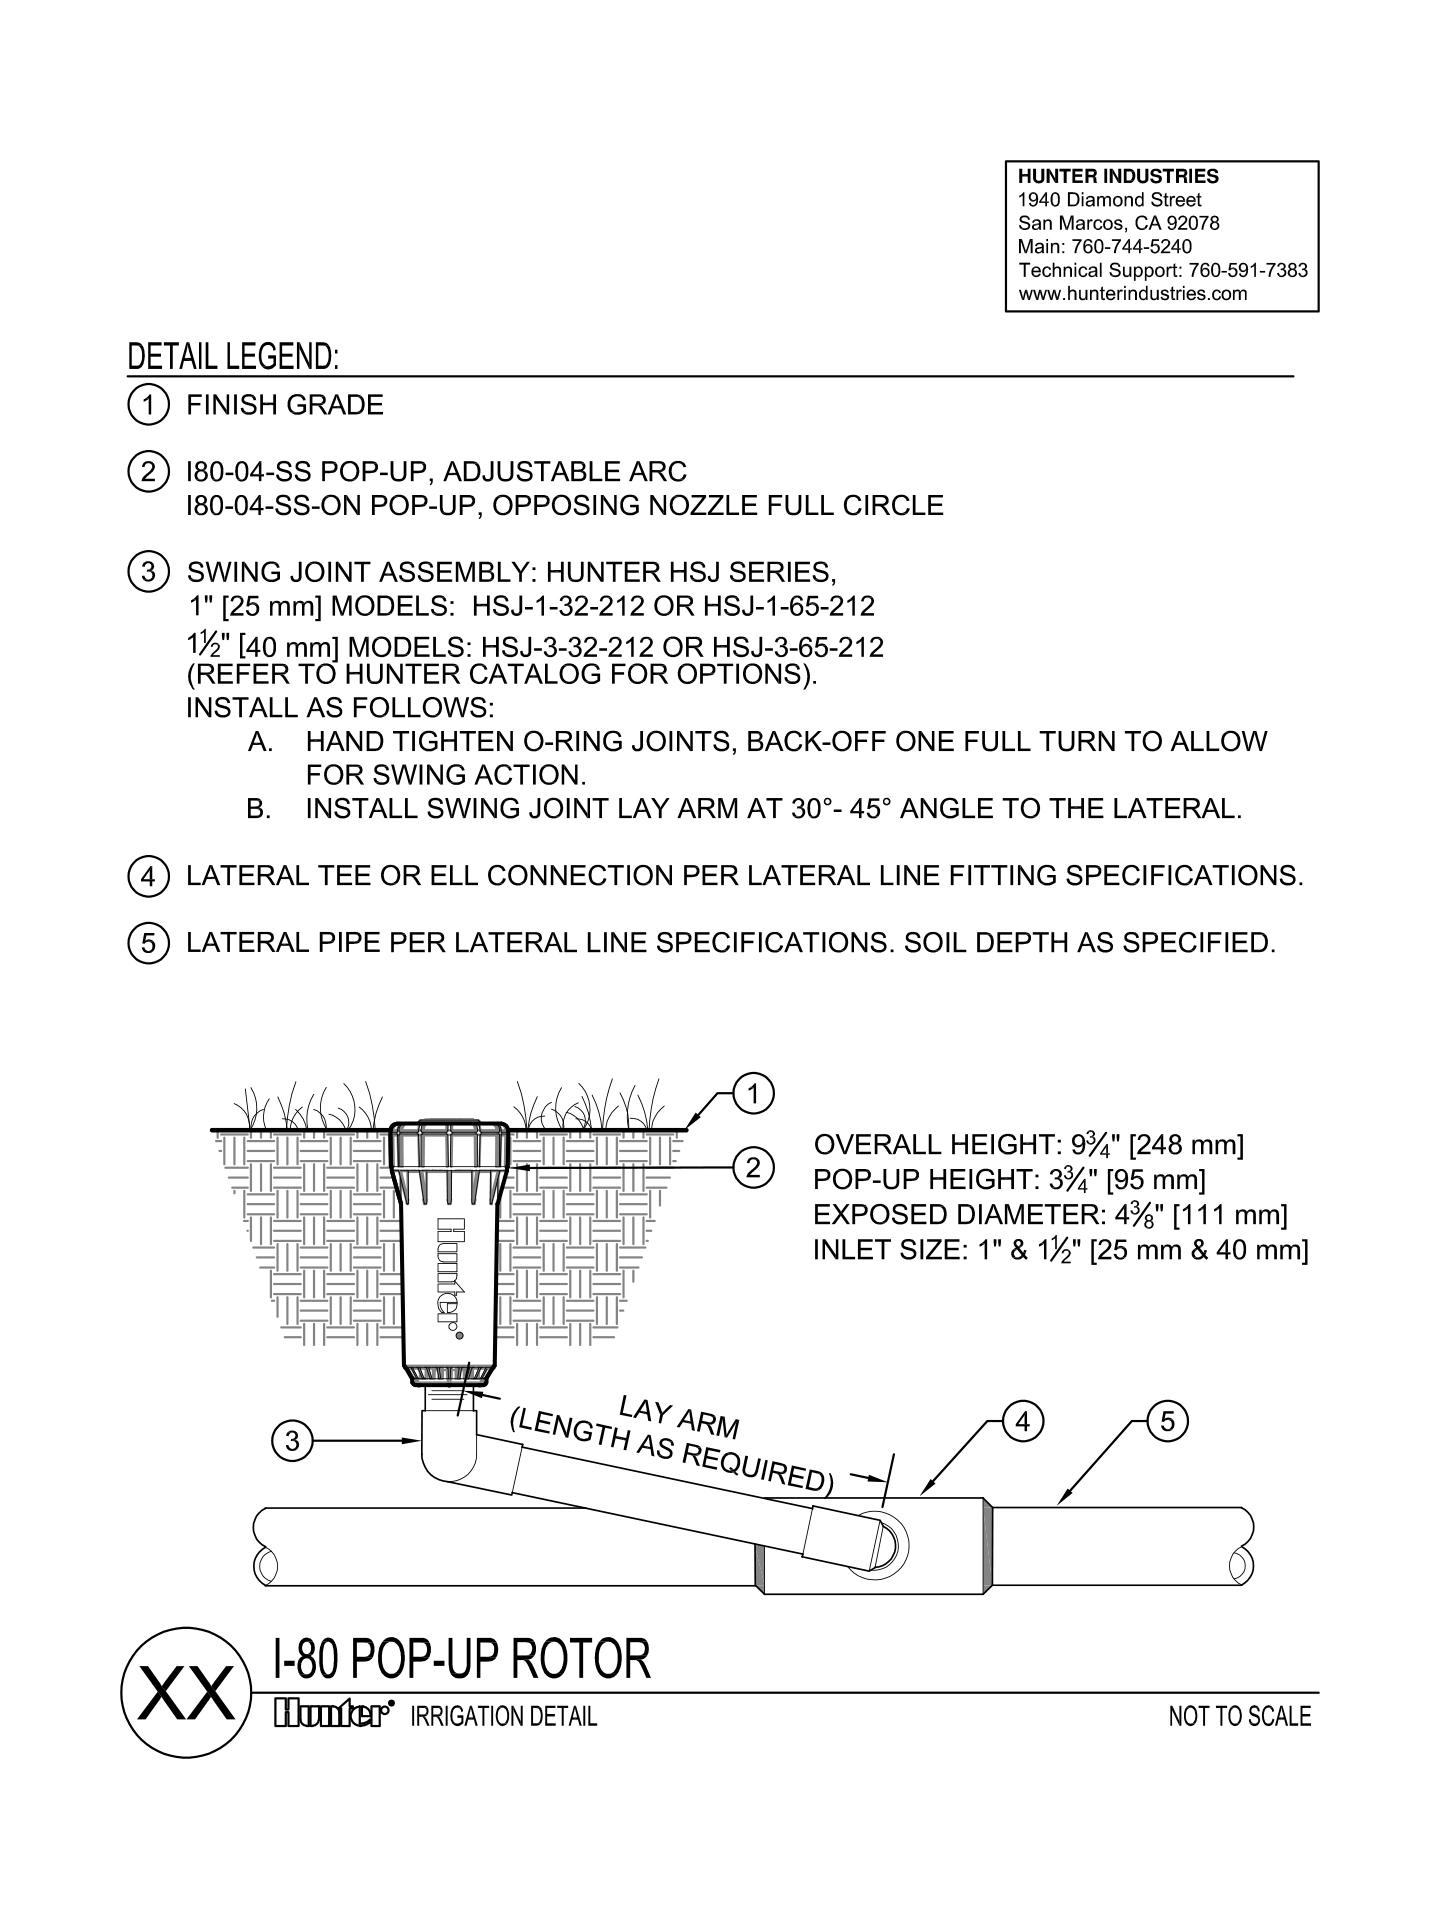 CAD - I-80 Rotor